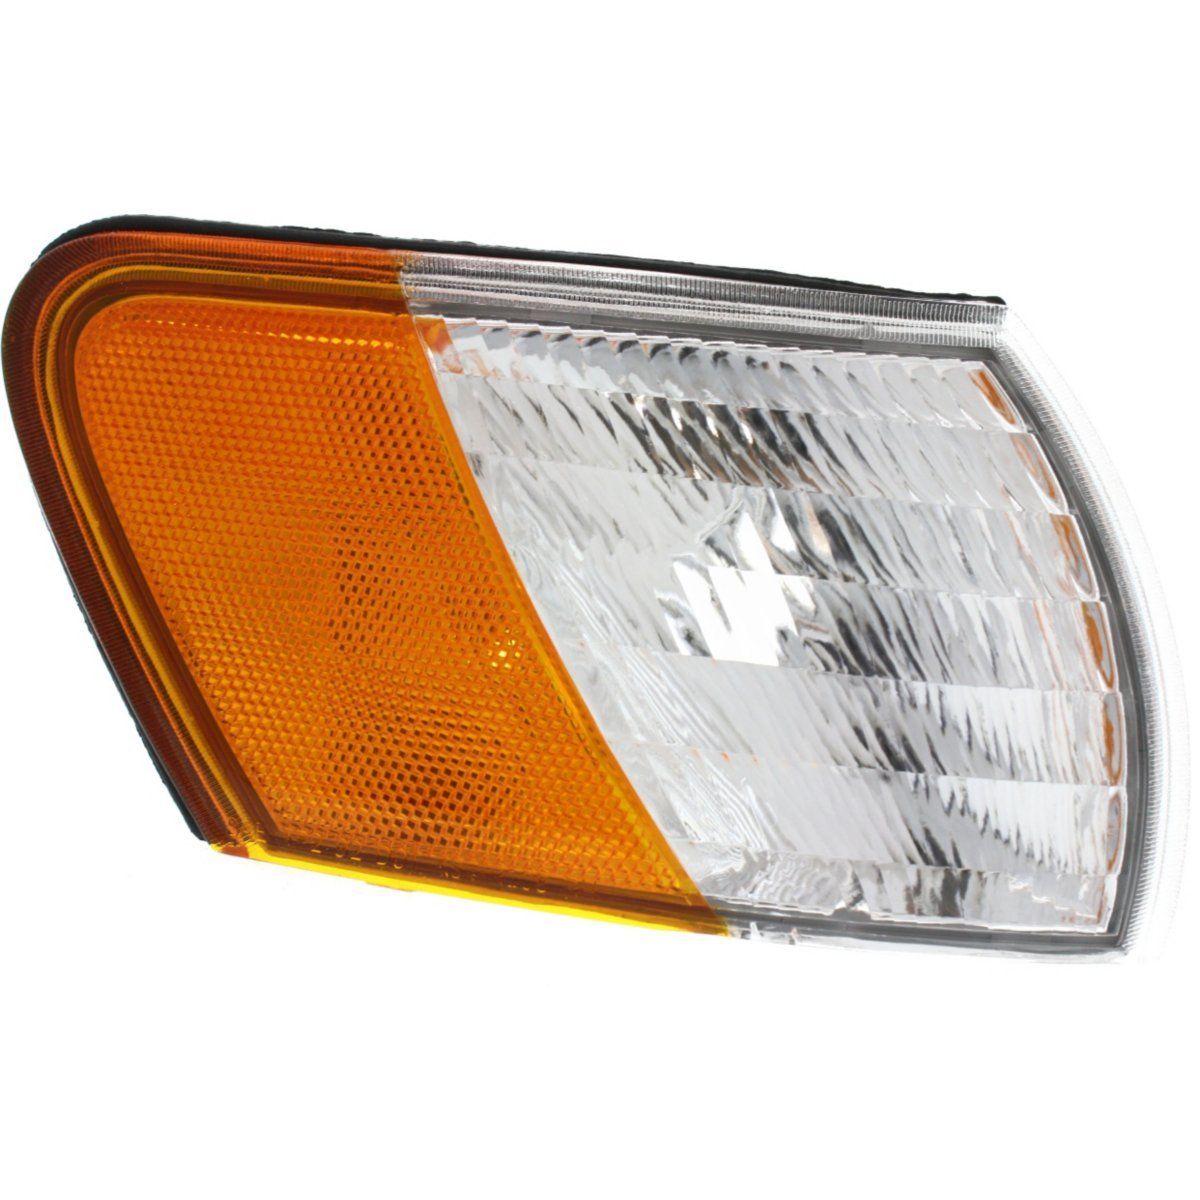 コーナーライト Corner Light For 92-95 Ford Taurus Passenger Side Incandescent 92-95フォードトーラス乗客側白熱灯のコーナーライト